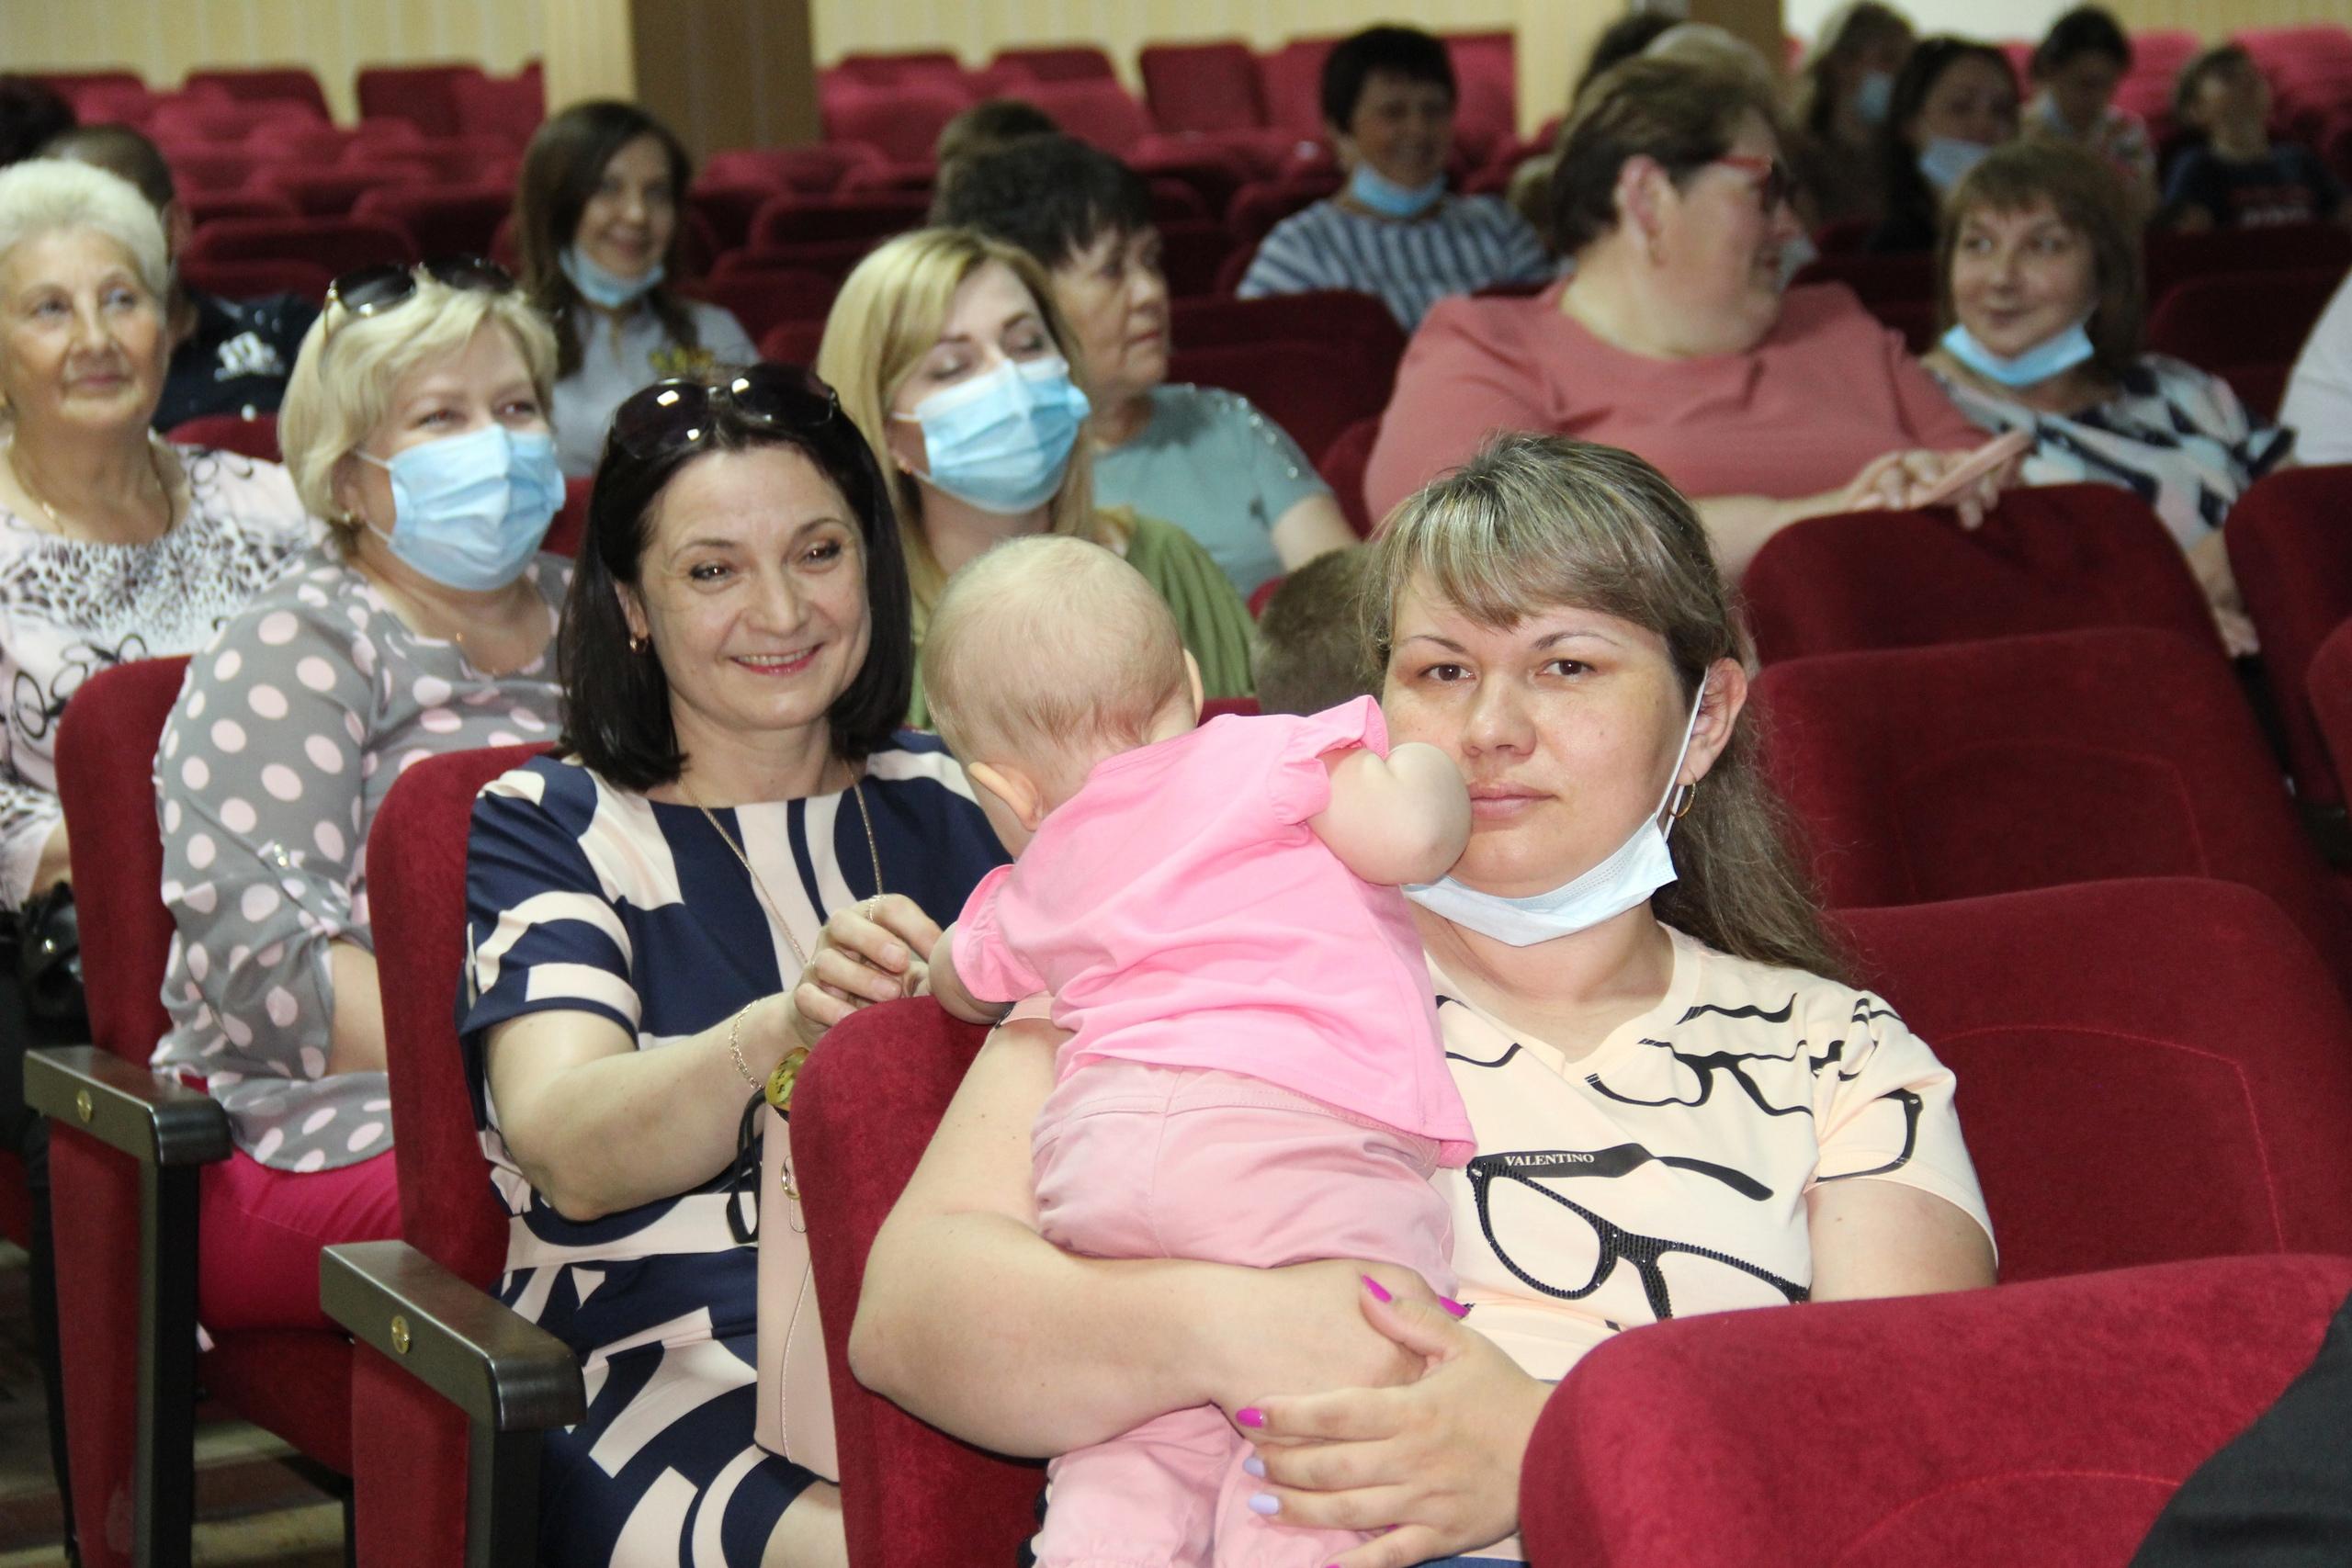 К Дню медицинского работника в Миллерово прошло торжество «Милосердие — движение души»